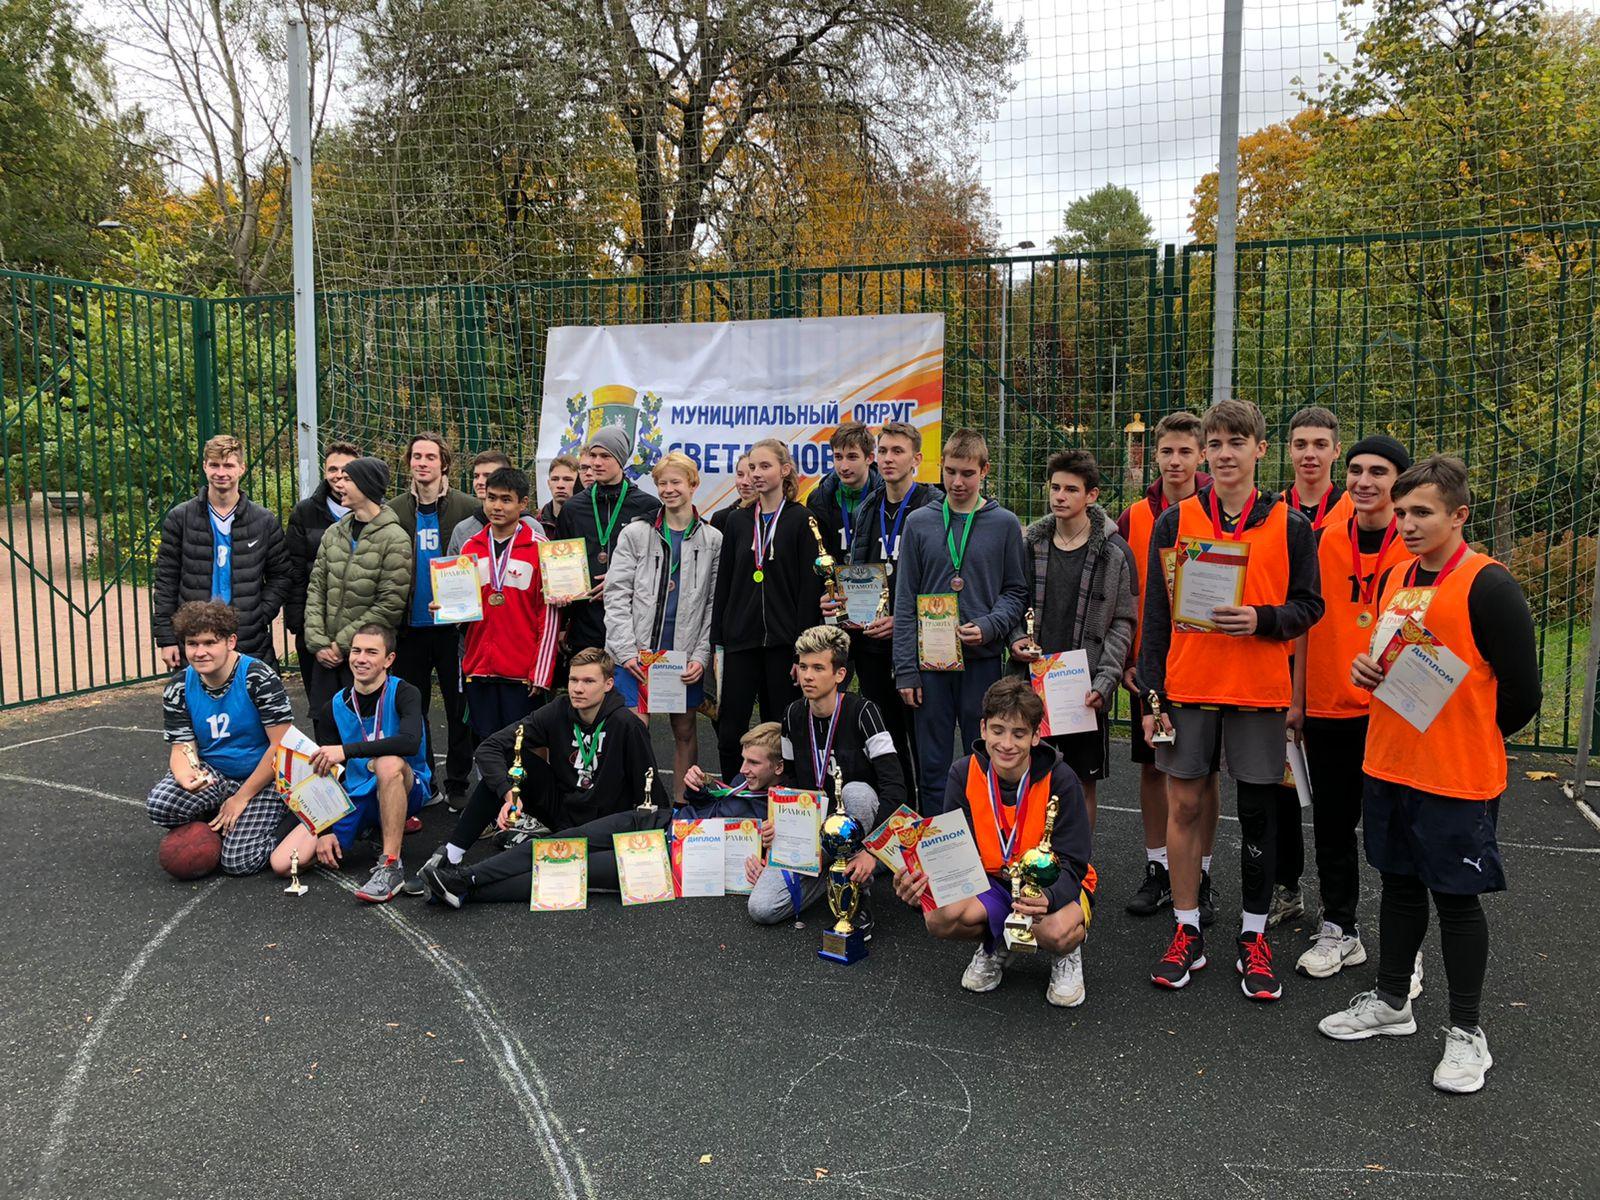 Участники соревнований по стритболу на кубок МО Светлановское с призами турнира